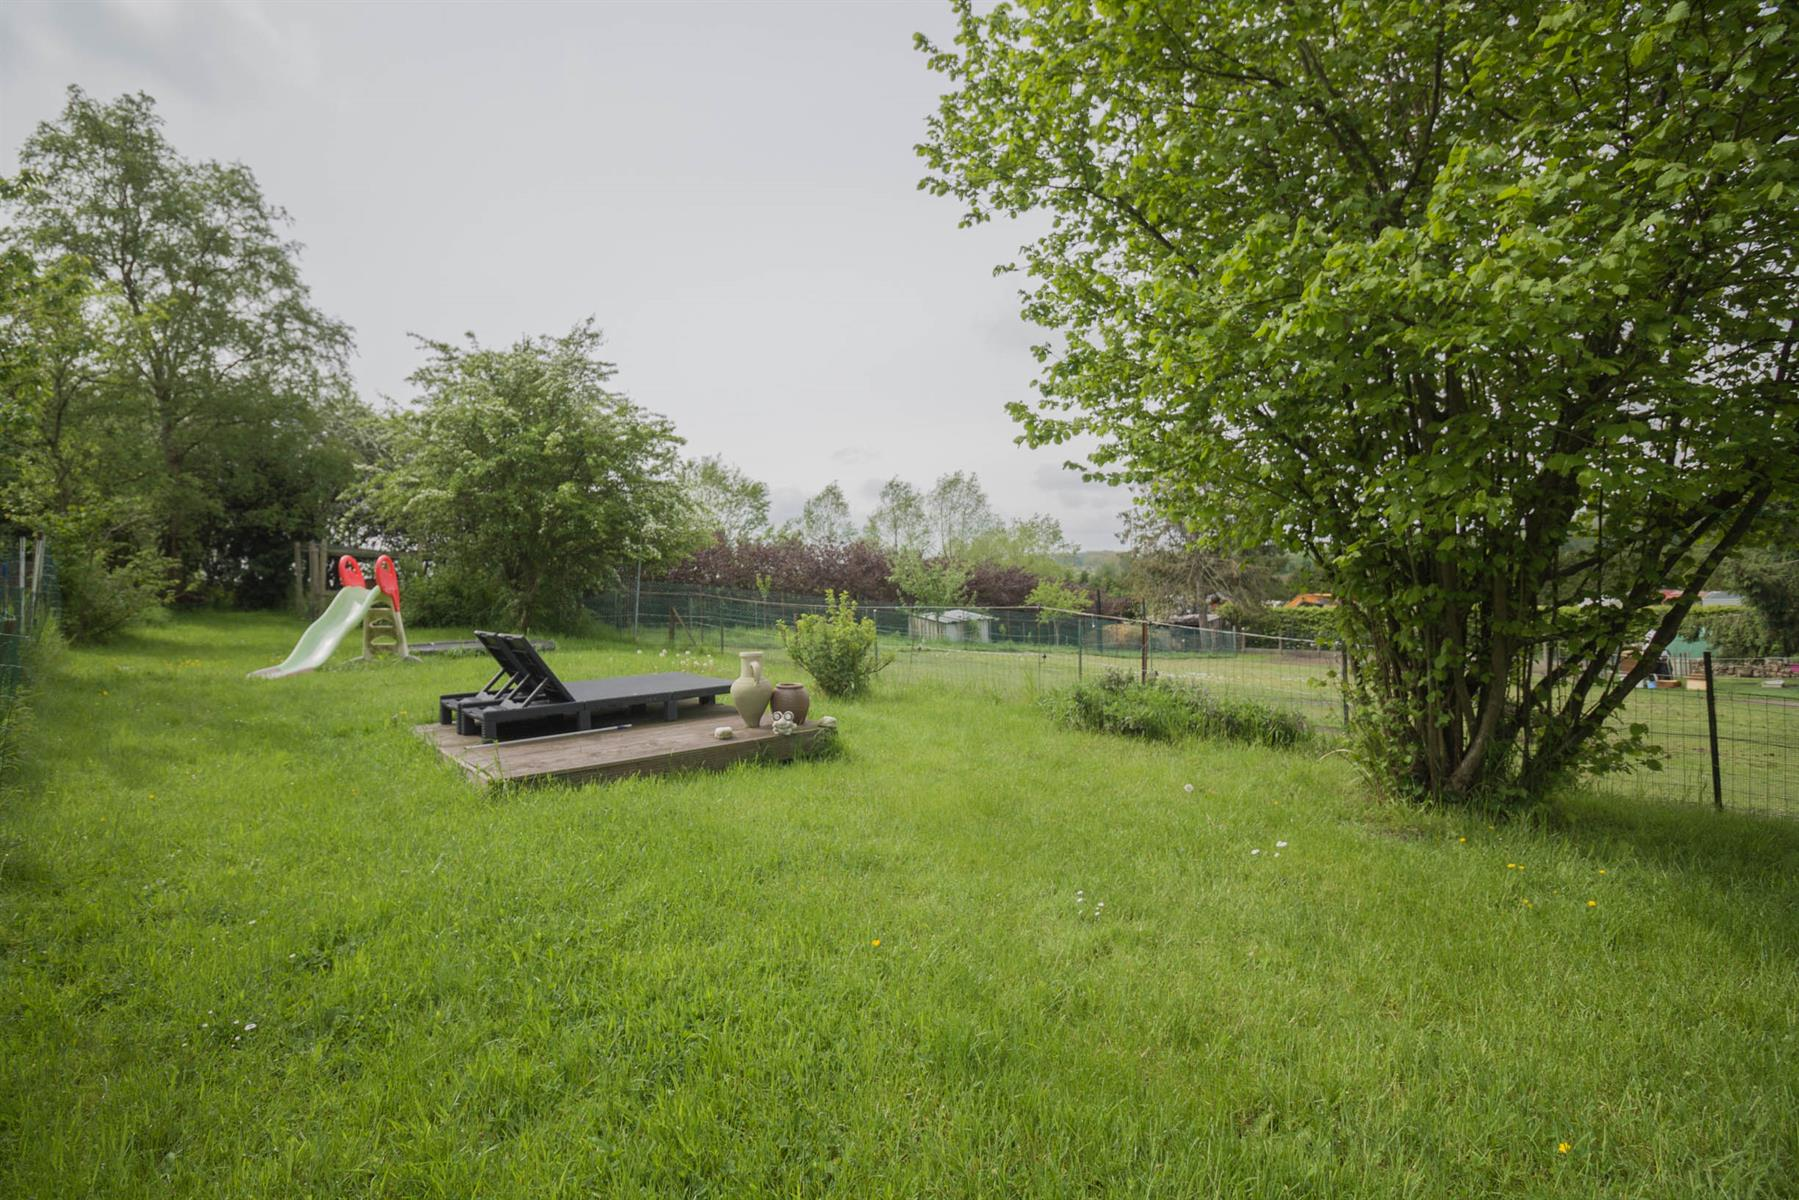 Maison - Forchies-la-Marche - #4381660-27